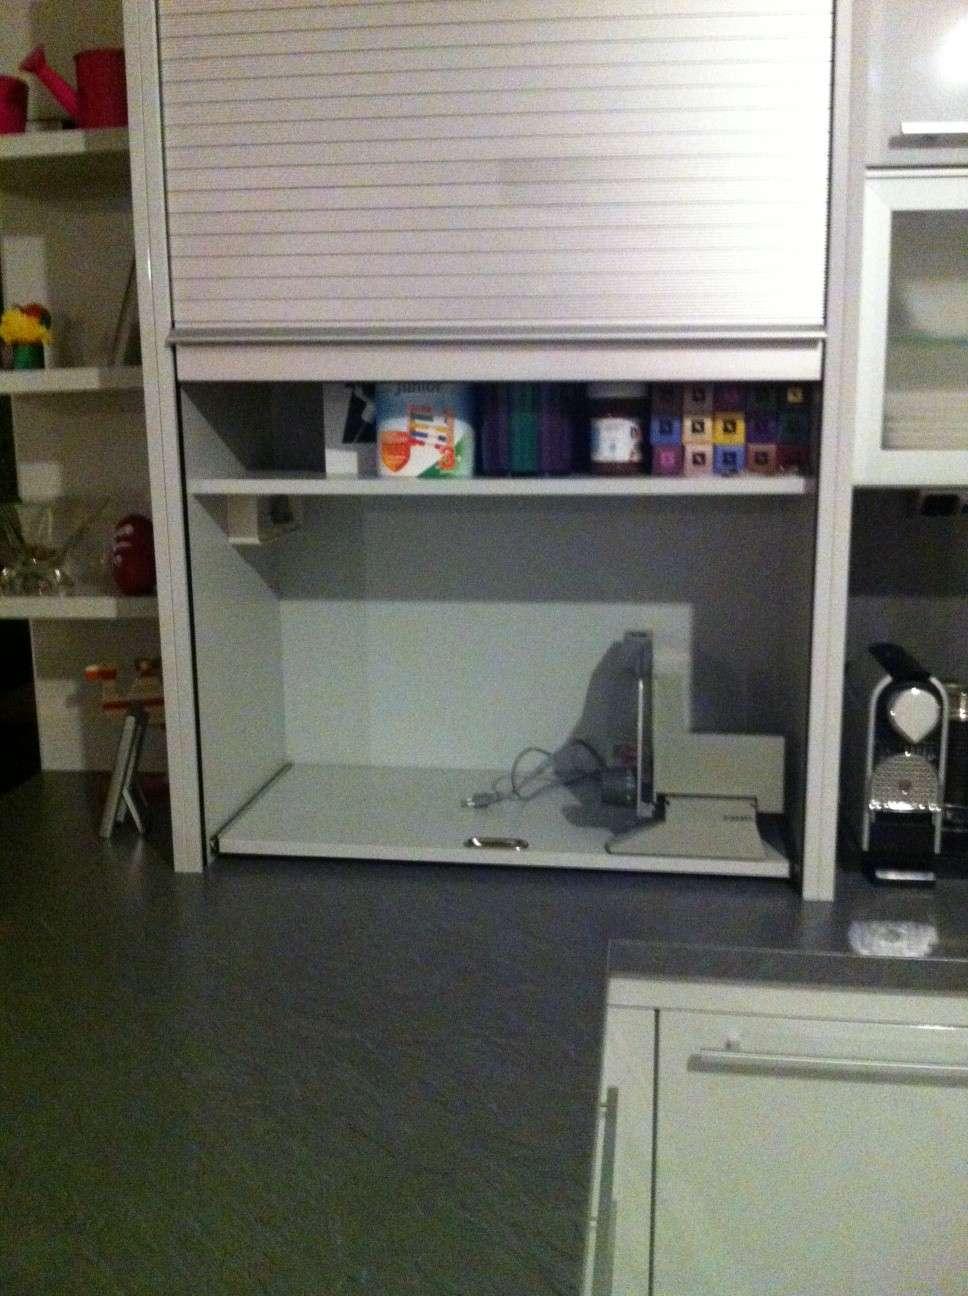 küche .. alles geklebt oder geschraubt ?   forum auf